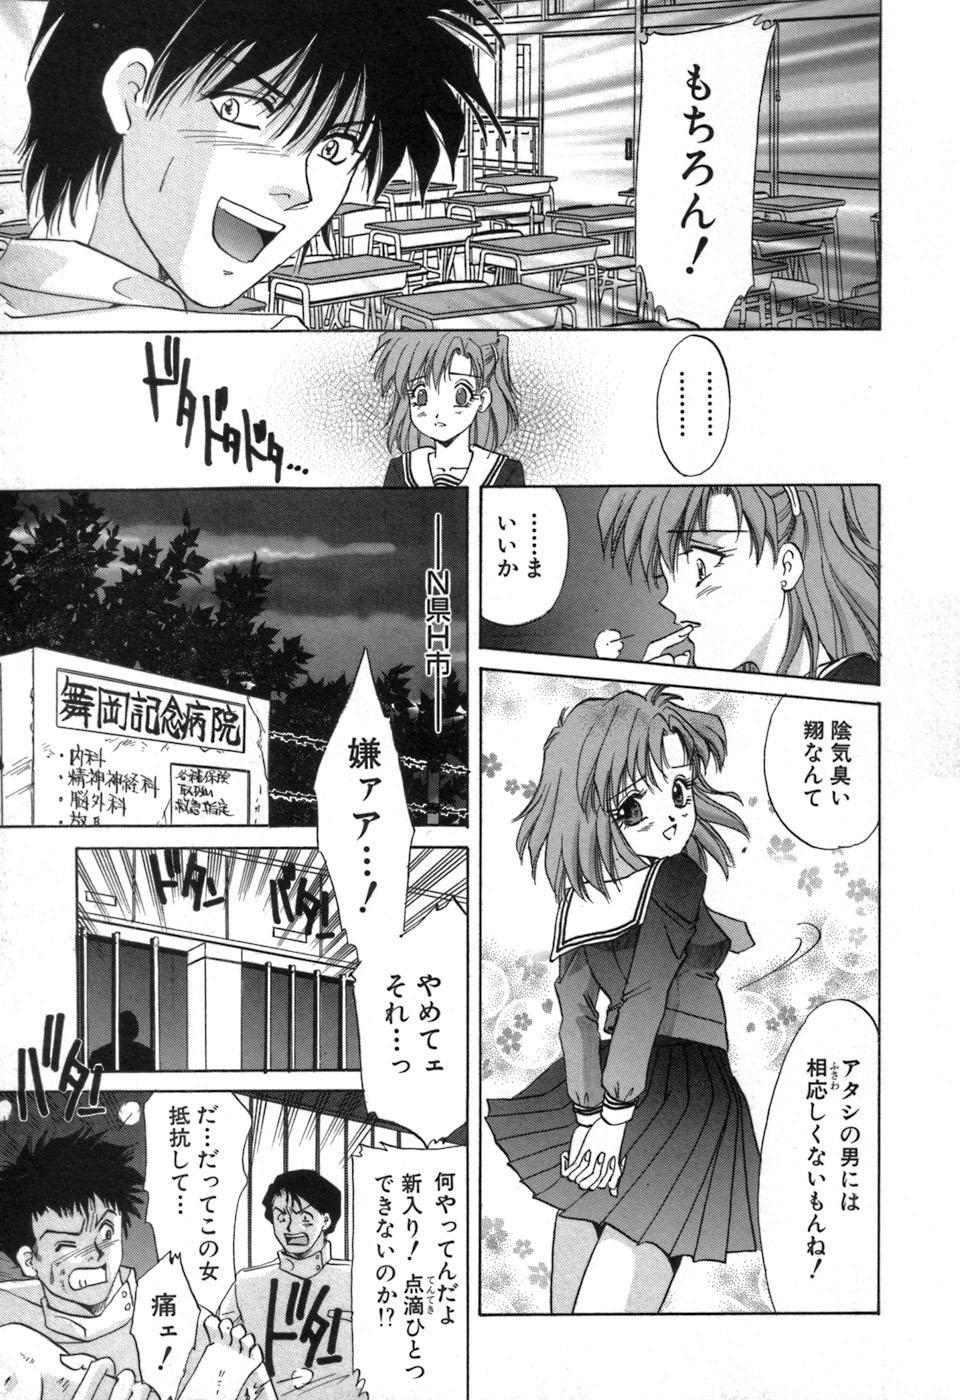 Ryoujoku Tenshi 163